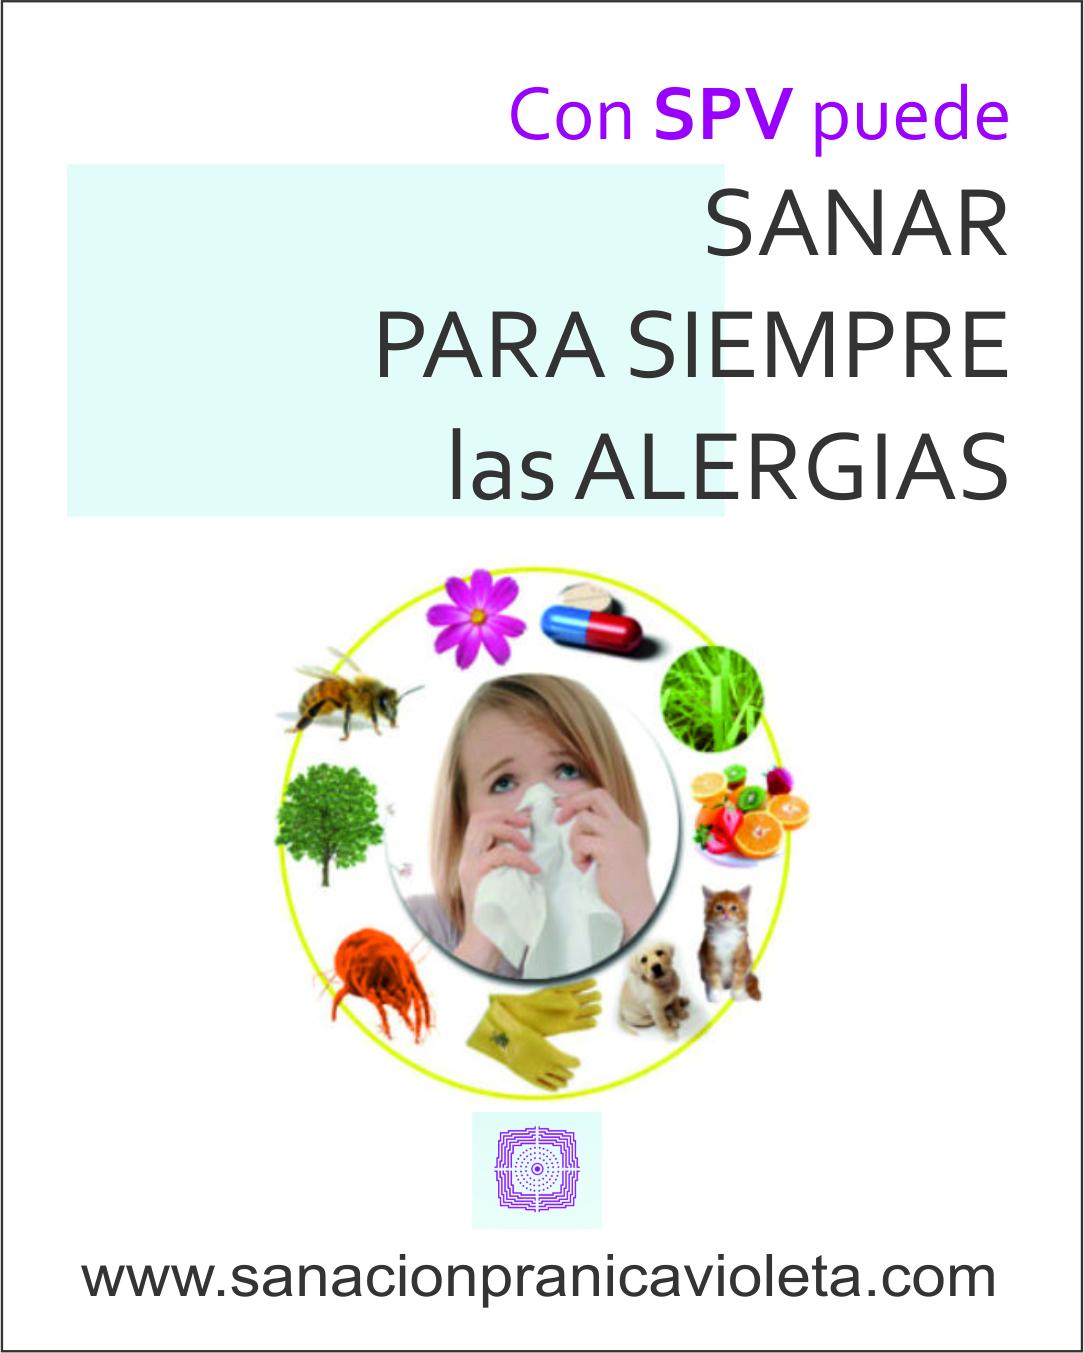 Con SPV puede sanar las alergias para siempre